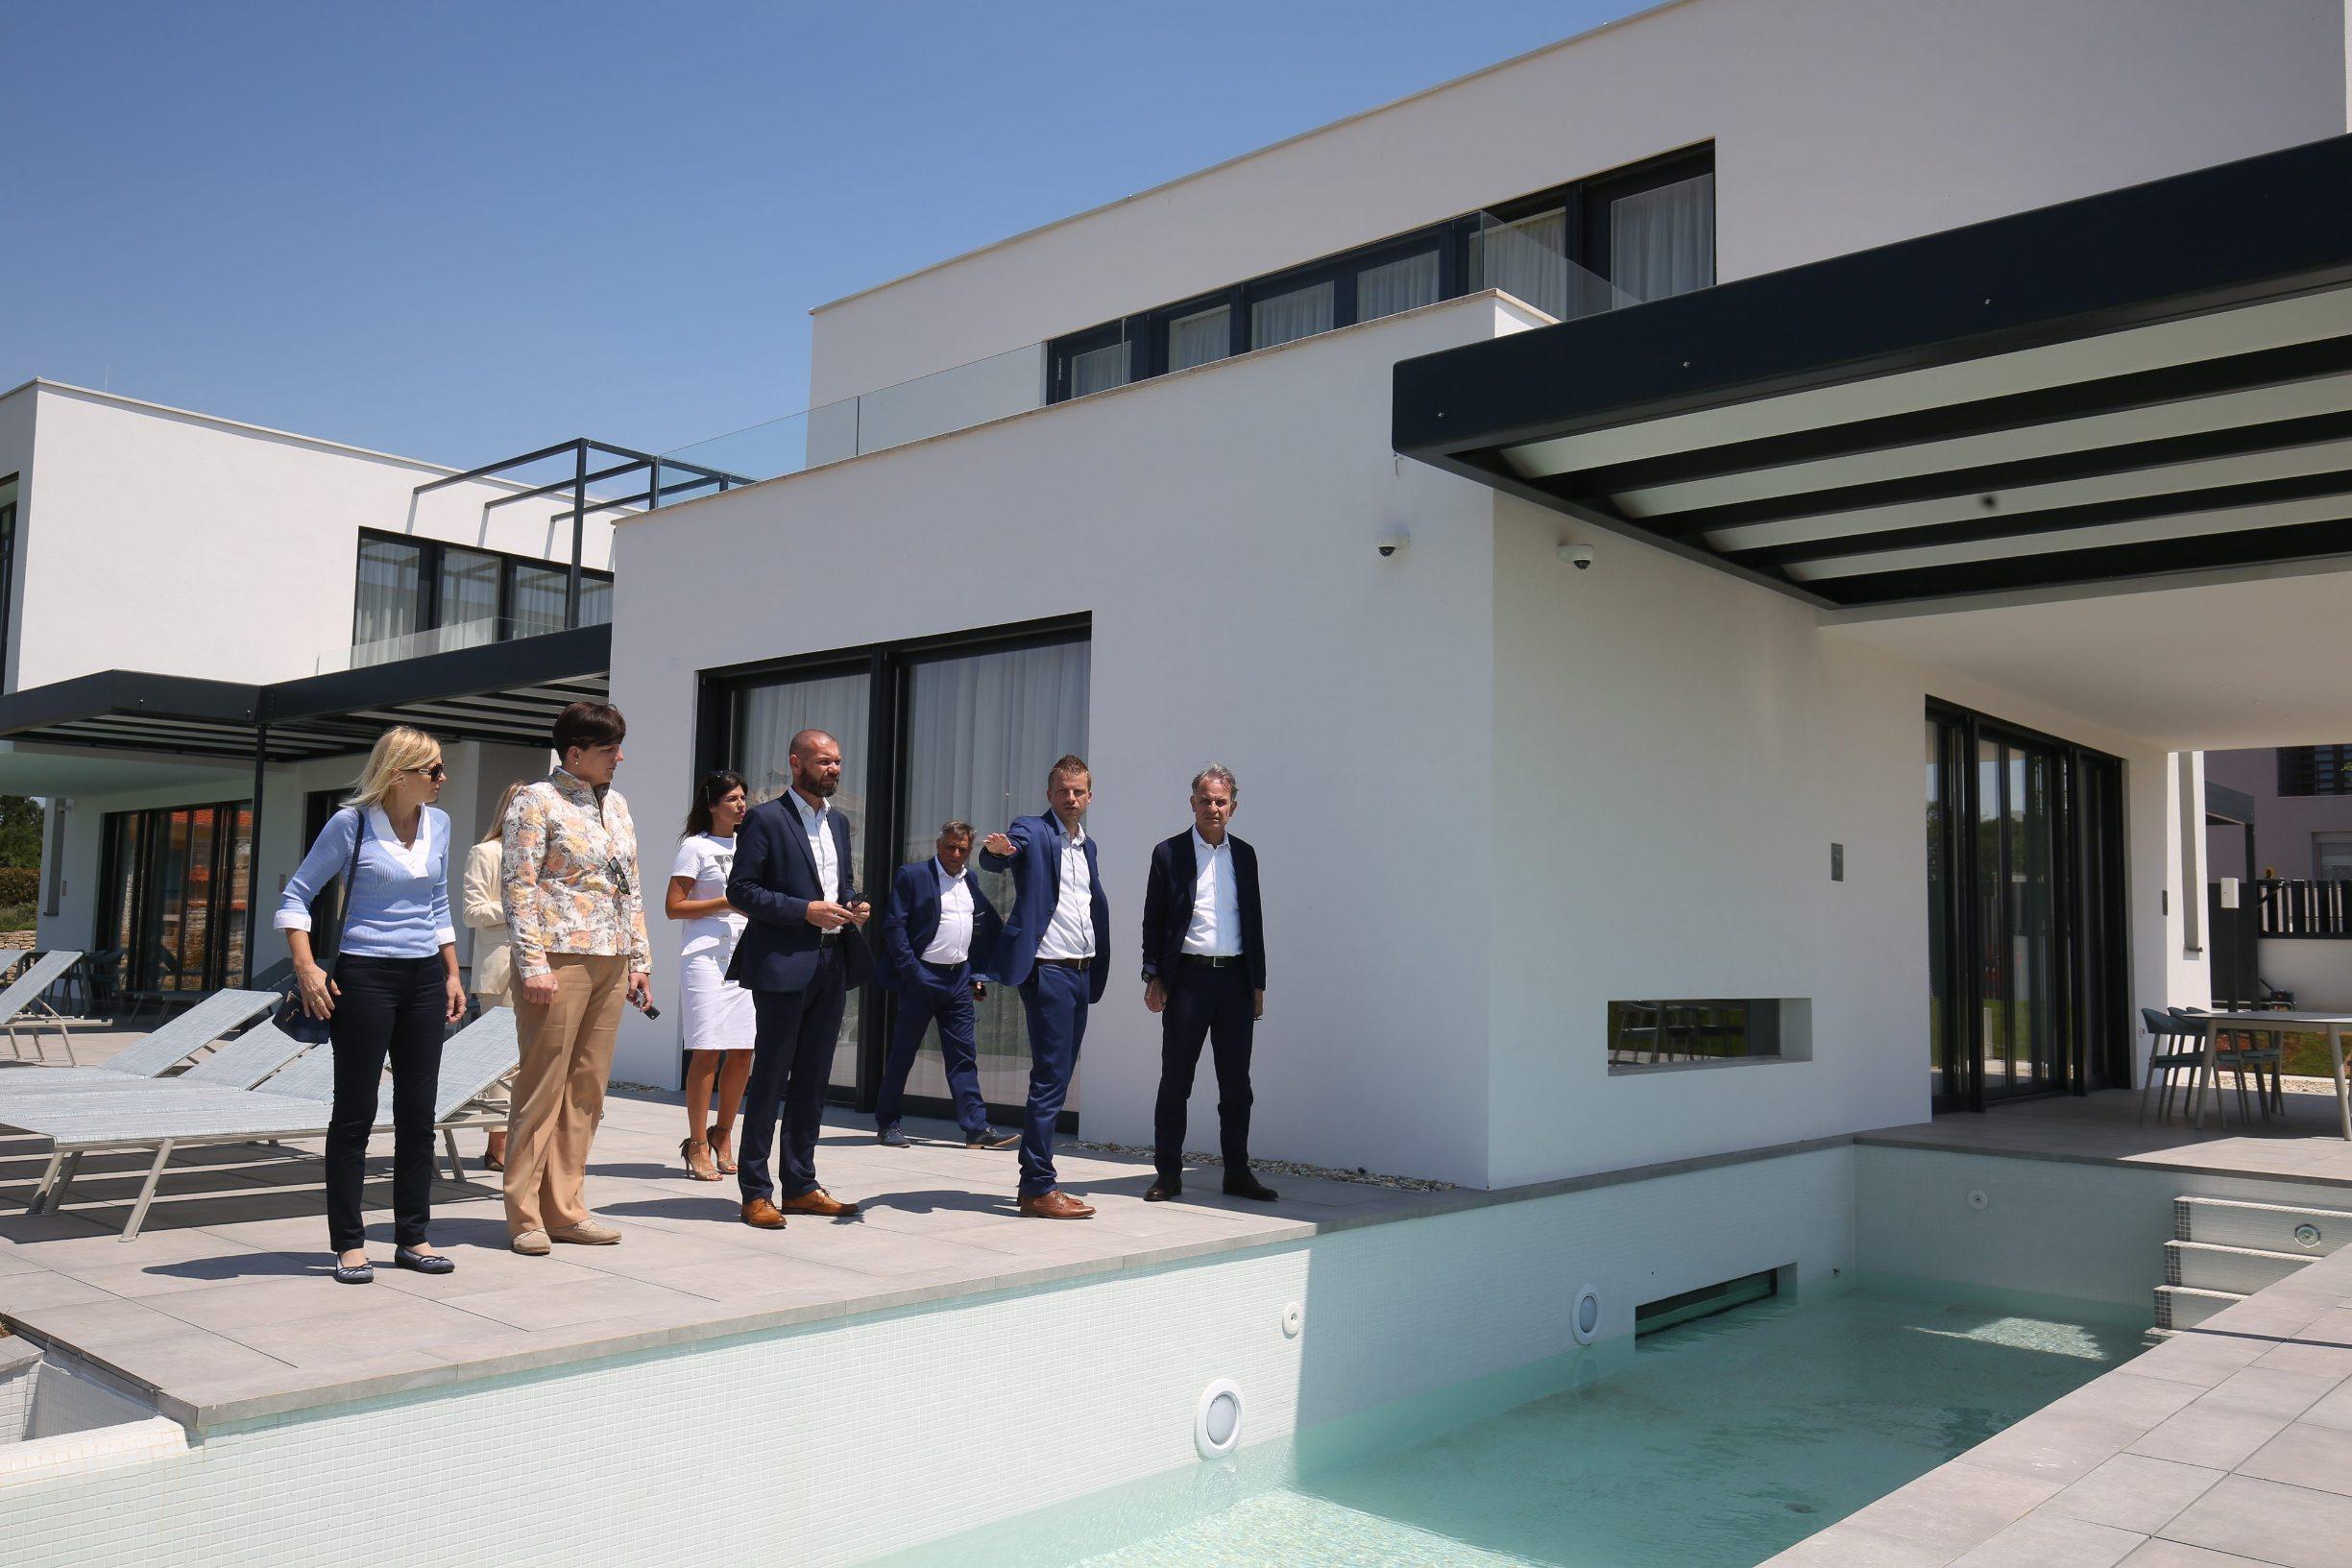 Bale, 020620. Ministar Cappelli je u sklopu danasnjeg obilaska Istre u opcini Bale razgledao Villu Noble, nedavno dovrsenu turisticku investiciju vrijednu 13,5 milijuna kuna u vlasnistvu drustva Mon Perin. Foto: Goran Sebelic / CROPIX